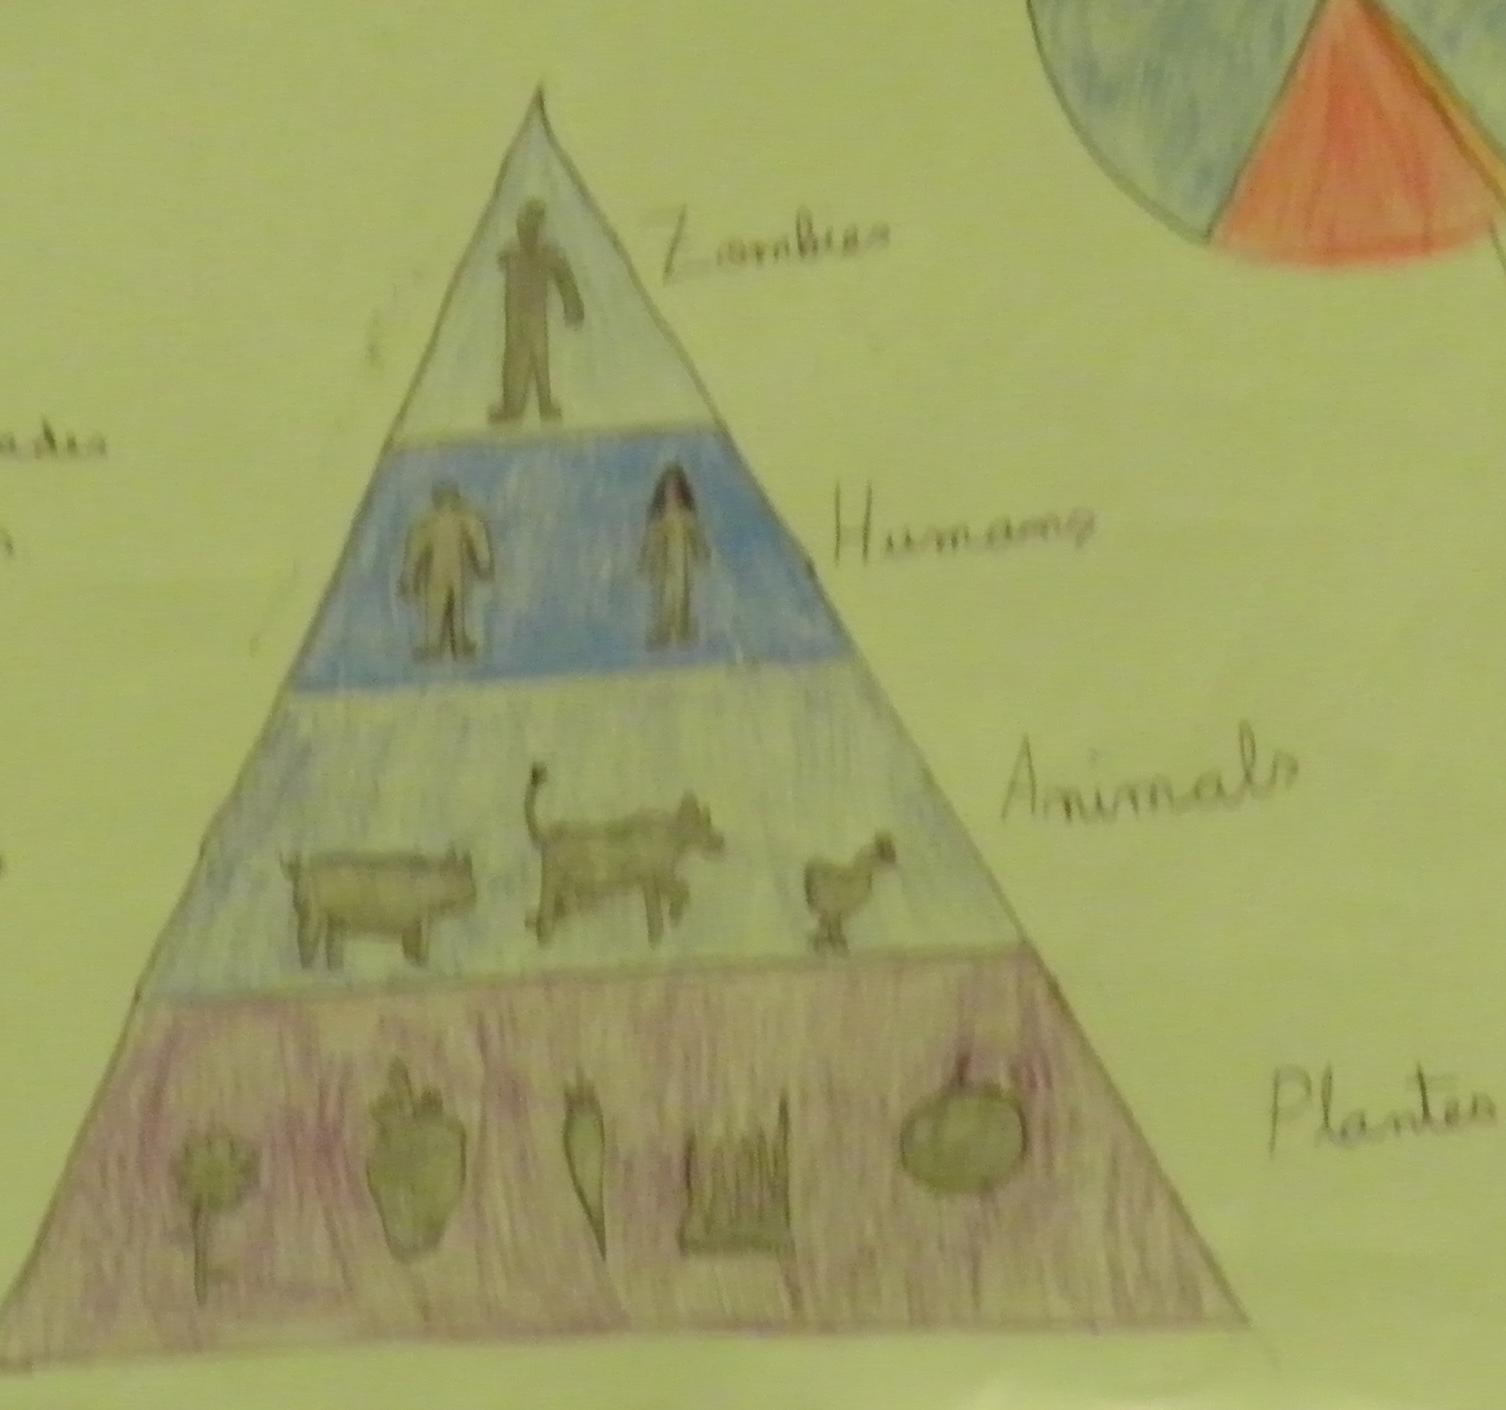 EPIGRAMAS Y OTROS ESCRITOS DEL SIGLO XXI: La pirámide trófica